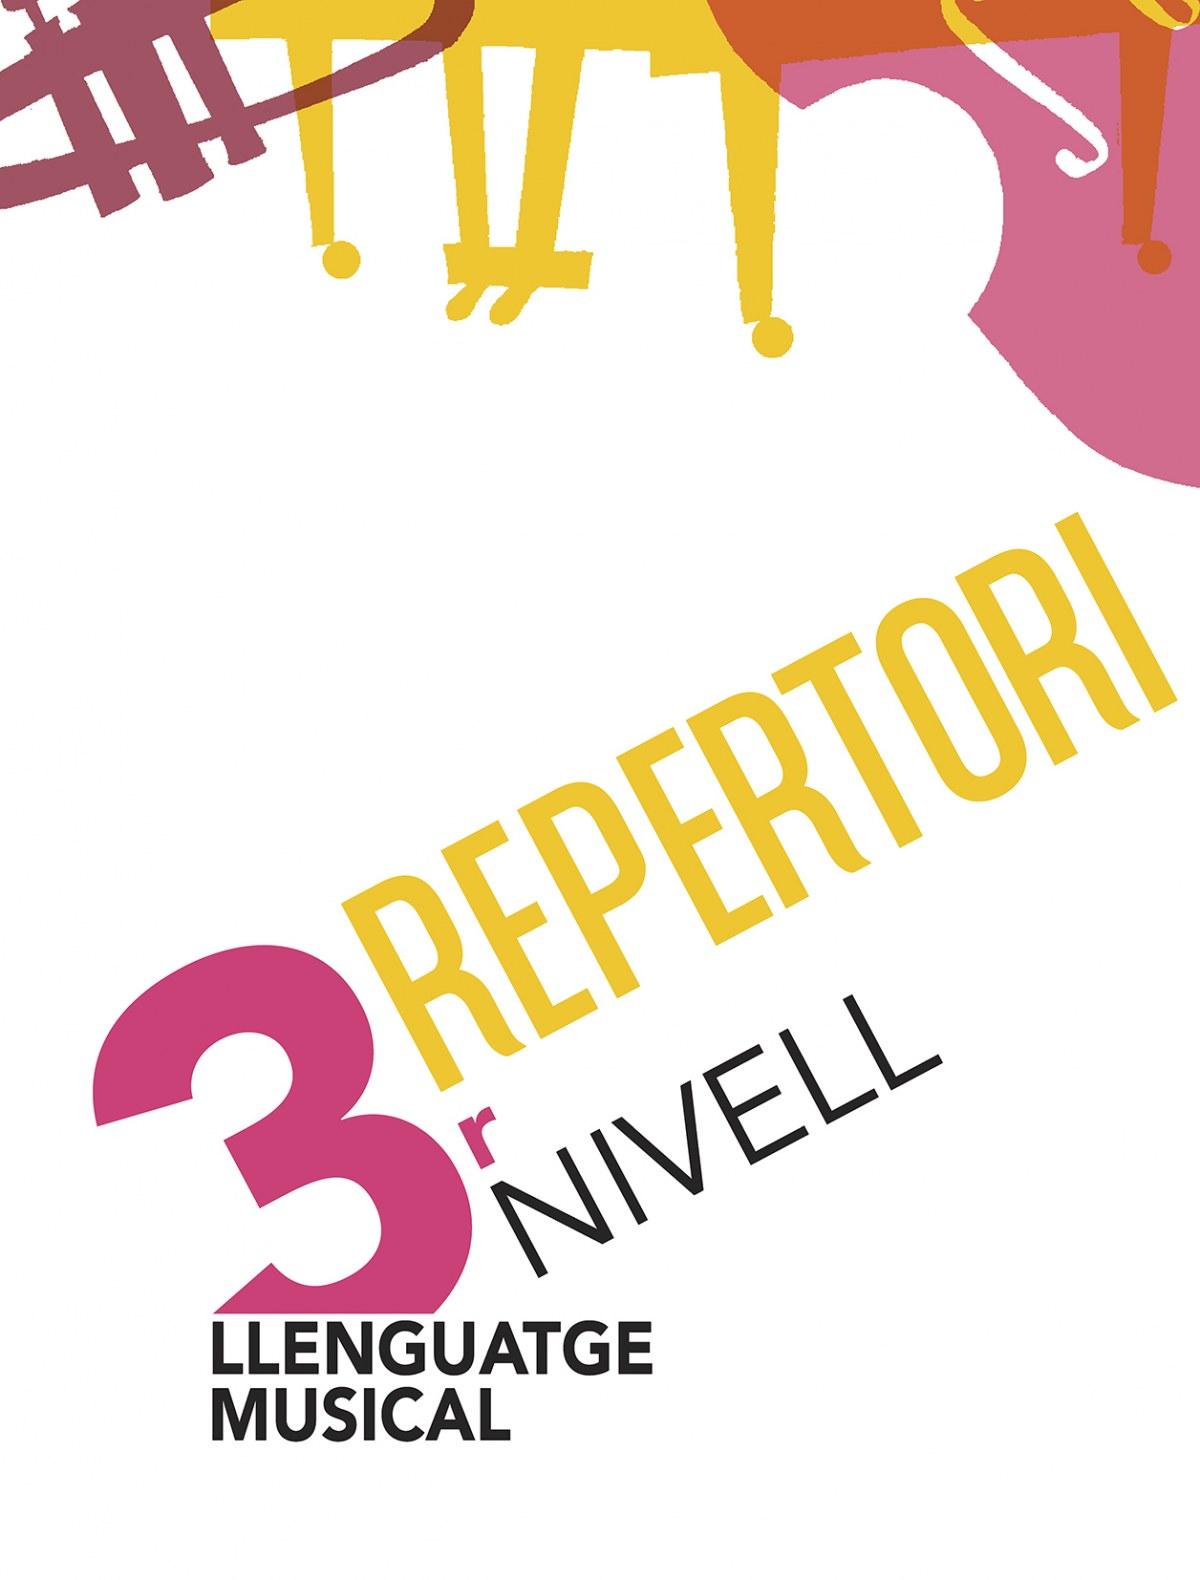 Llenguatge musical, nivell 3. Repertori